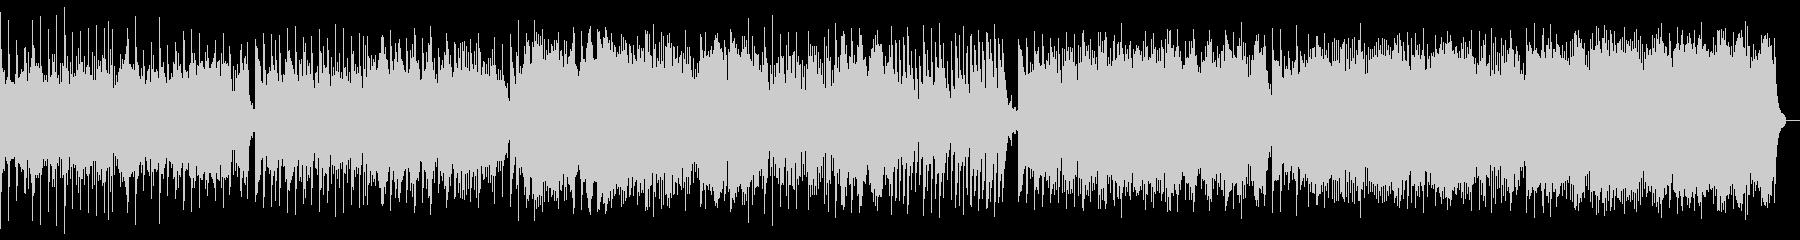 幻想的なピアノBGM(効果音なし)の未再生の波形